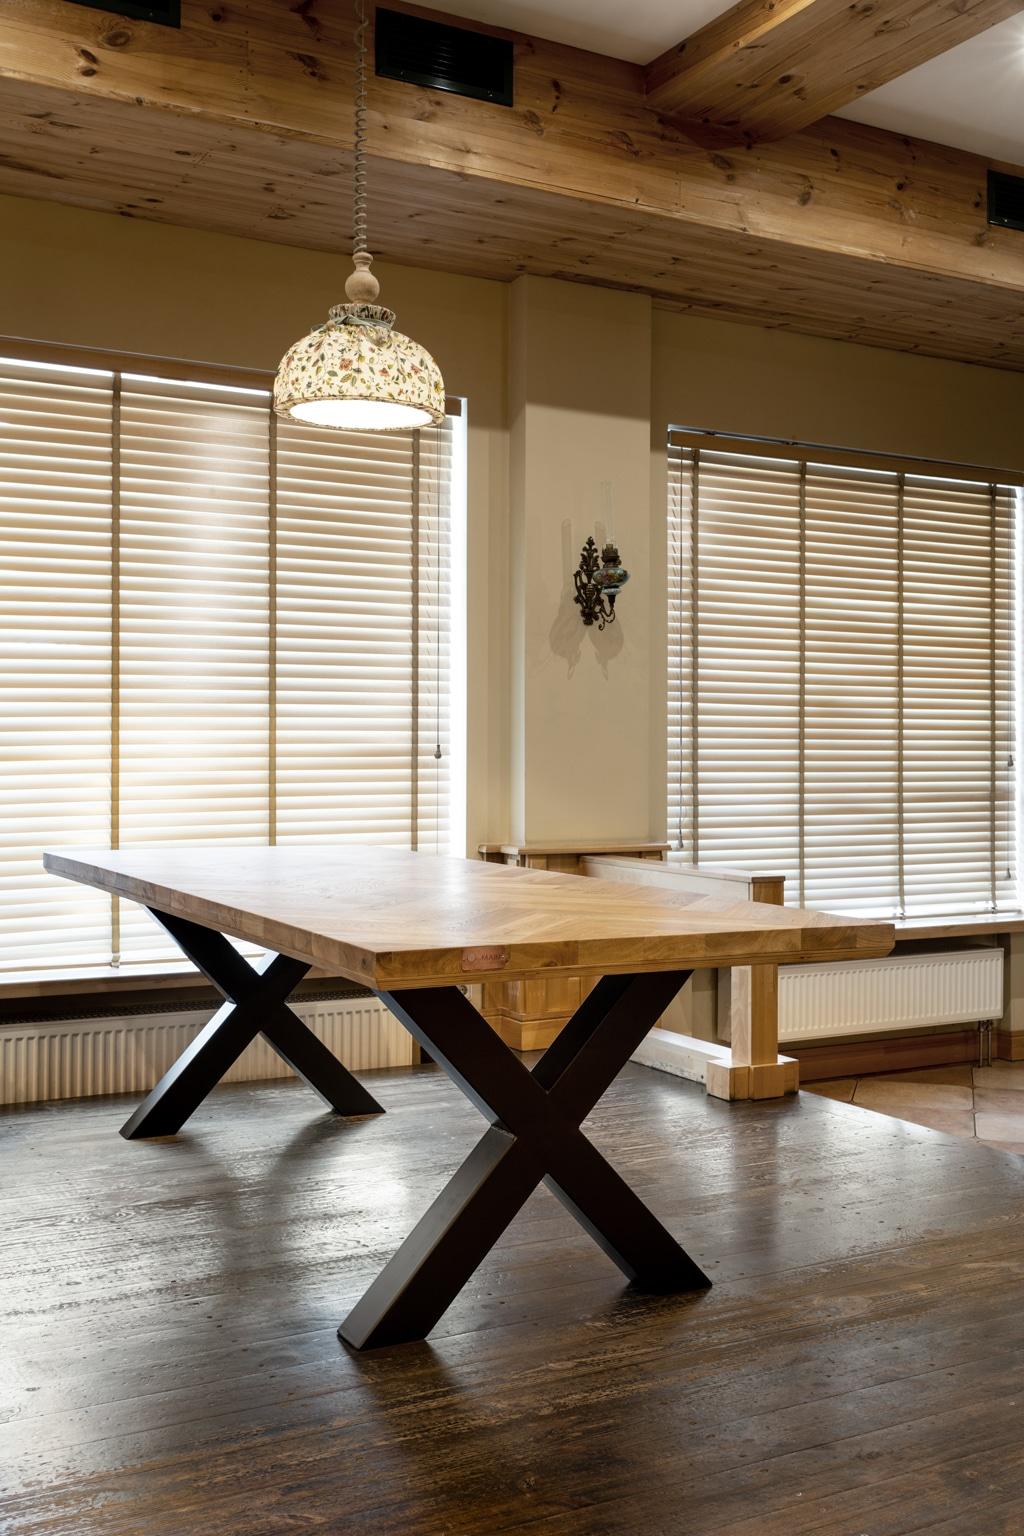 oak table mbswood.com 4 Tablero rústico